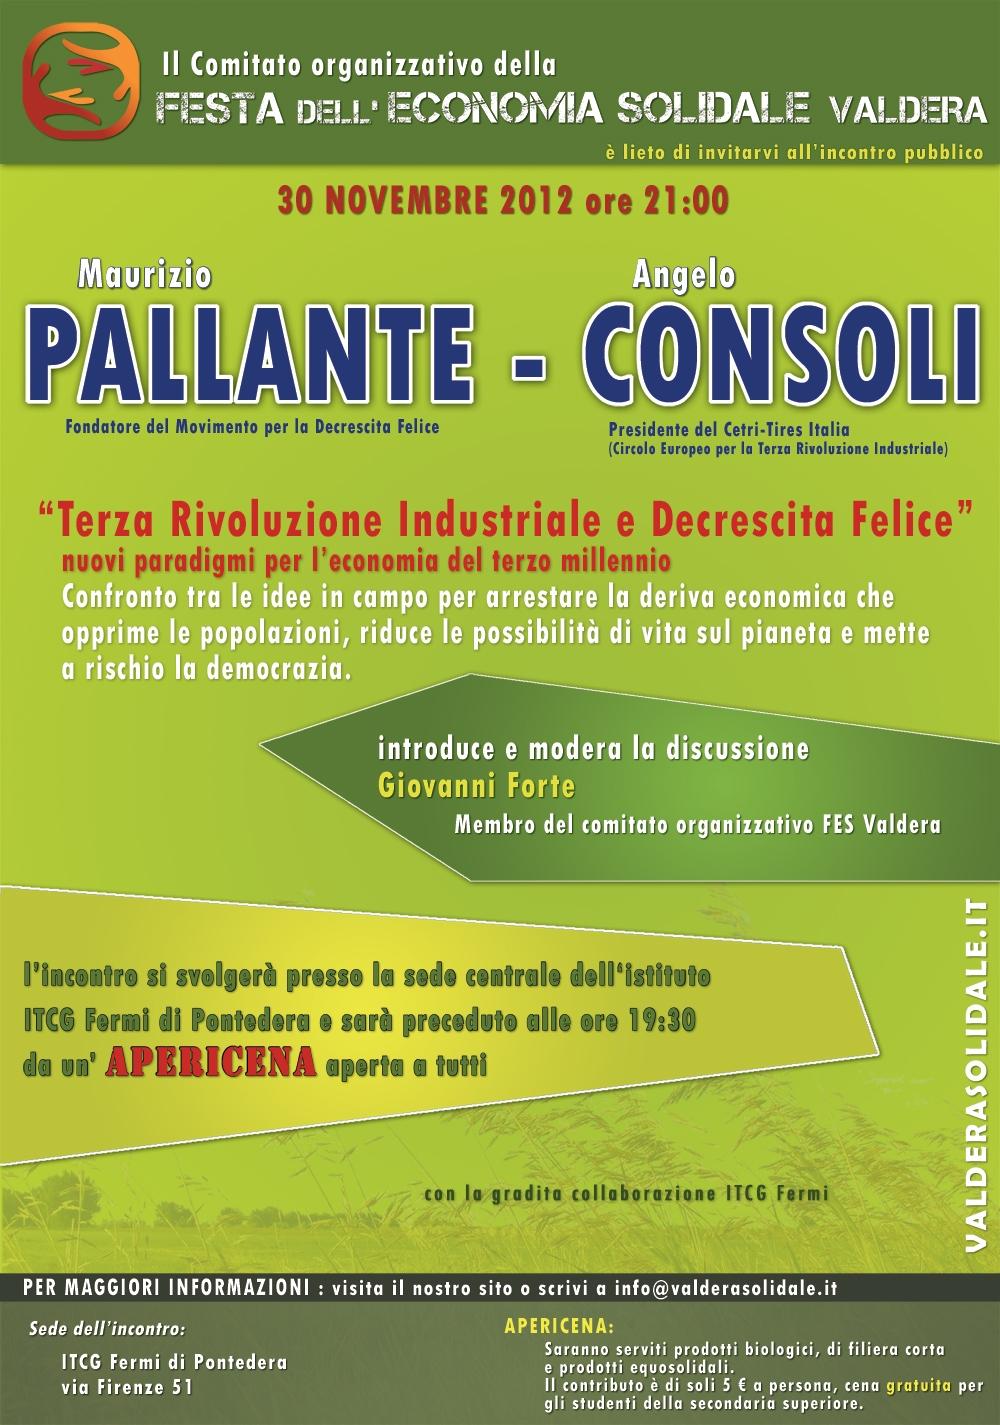 Incontro Pallante-Consoli 30-11-12 FESV